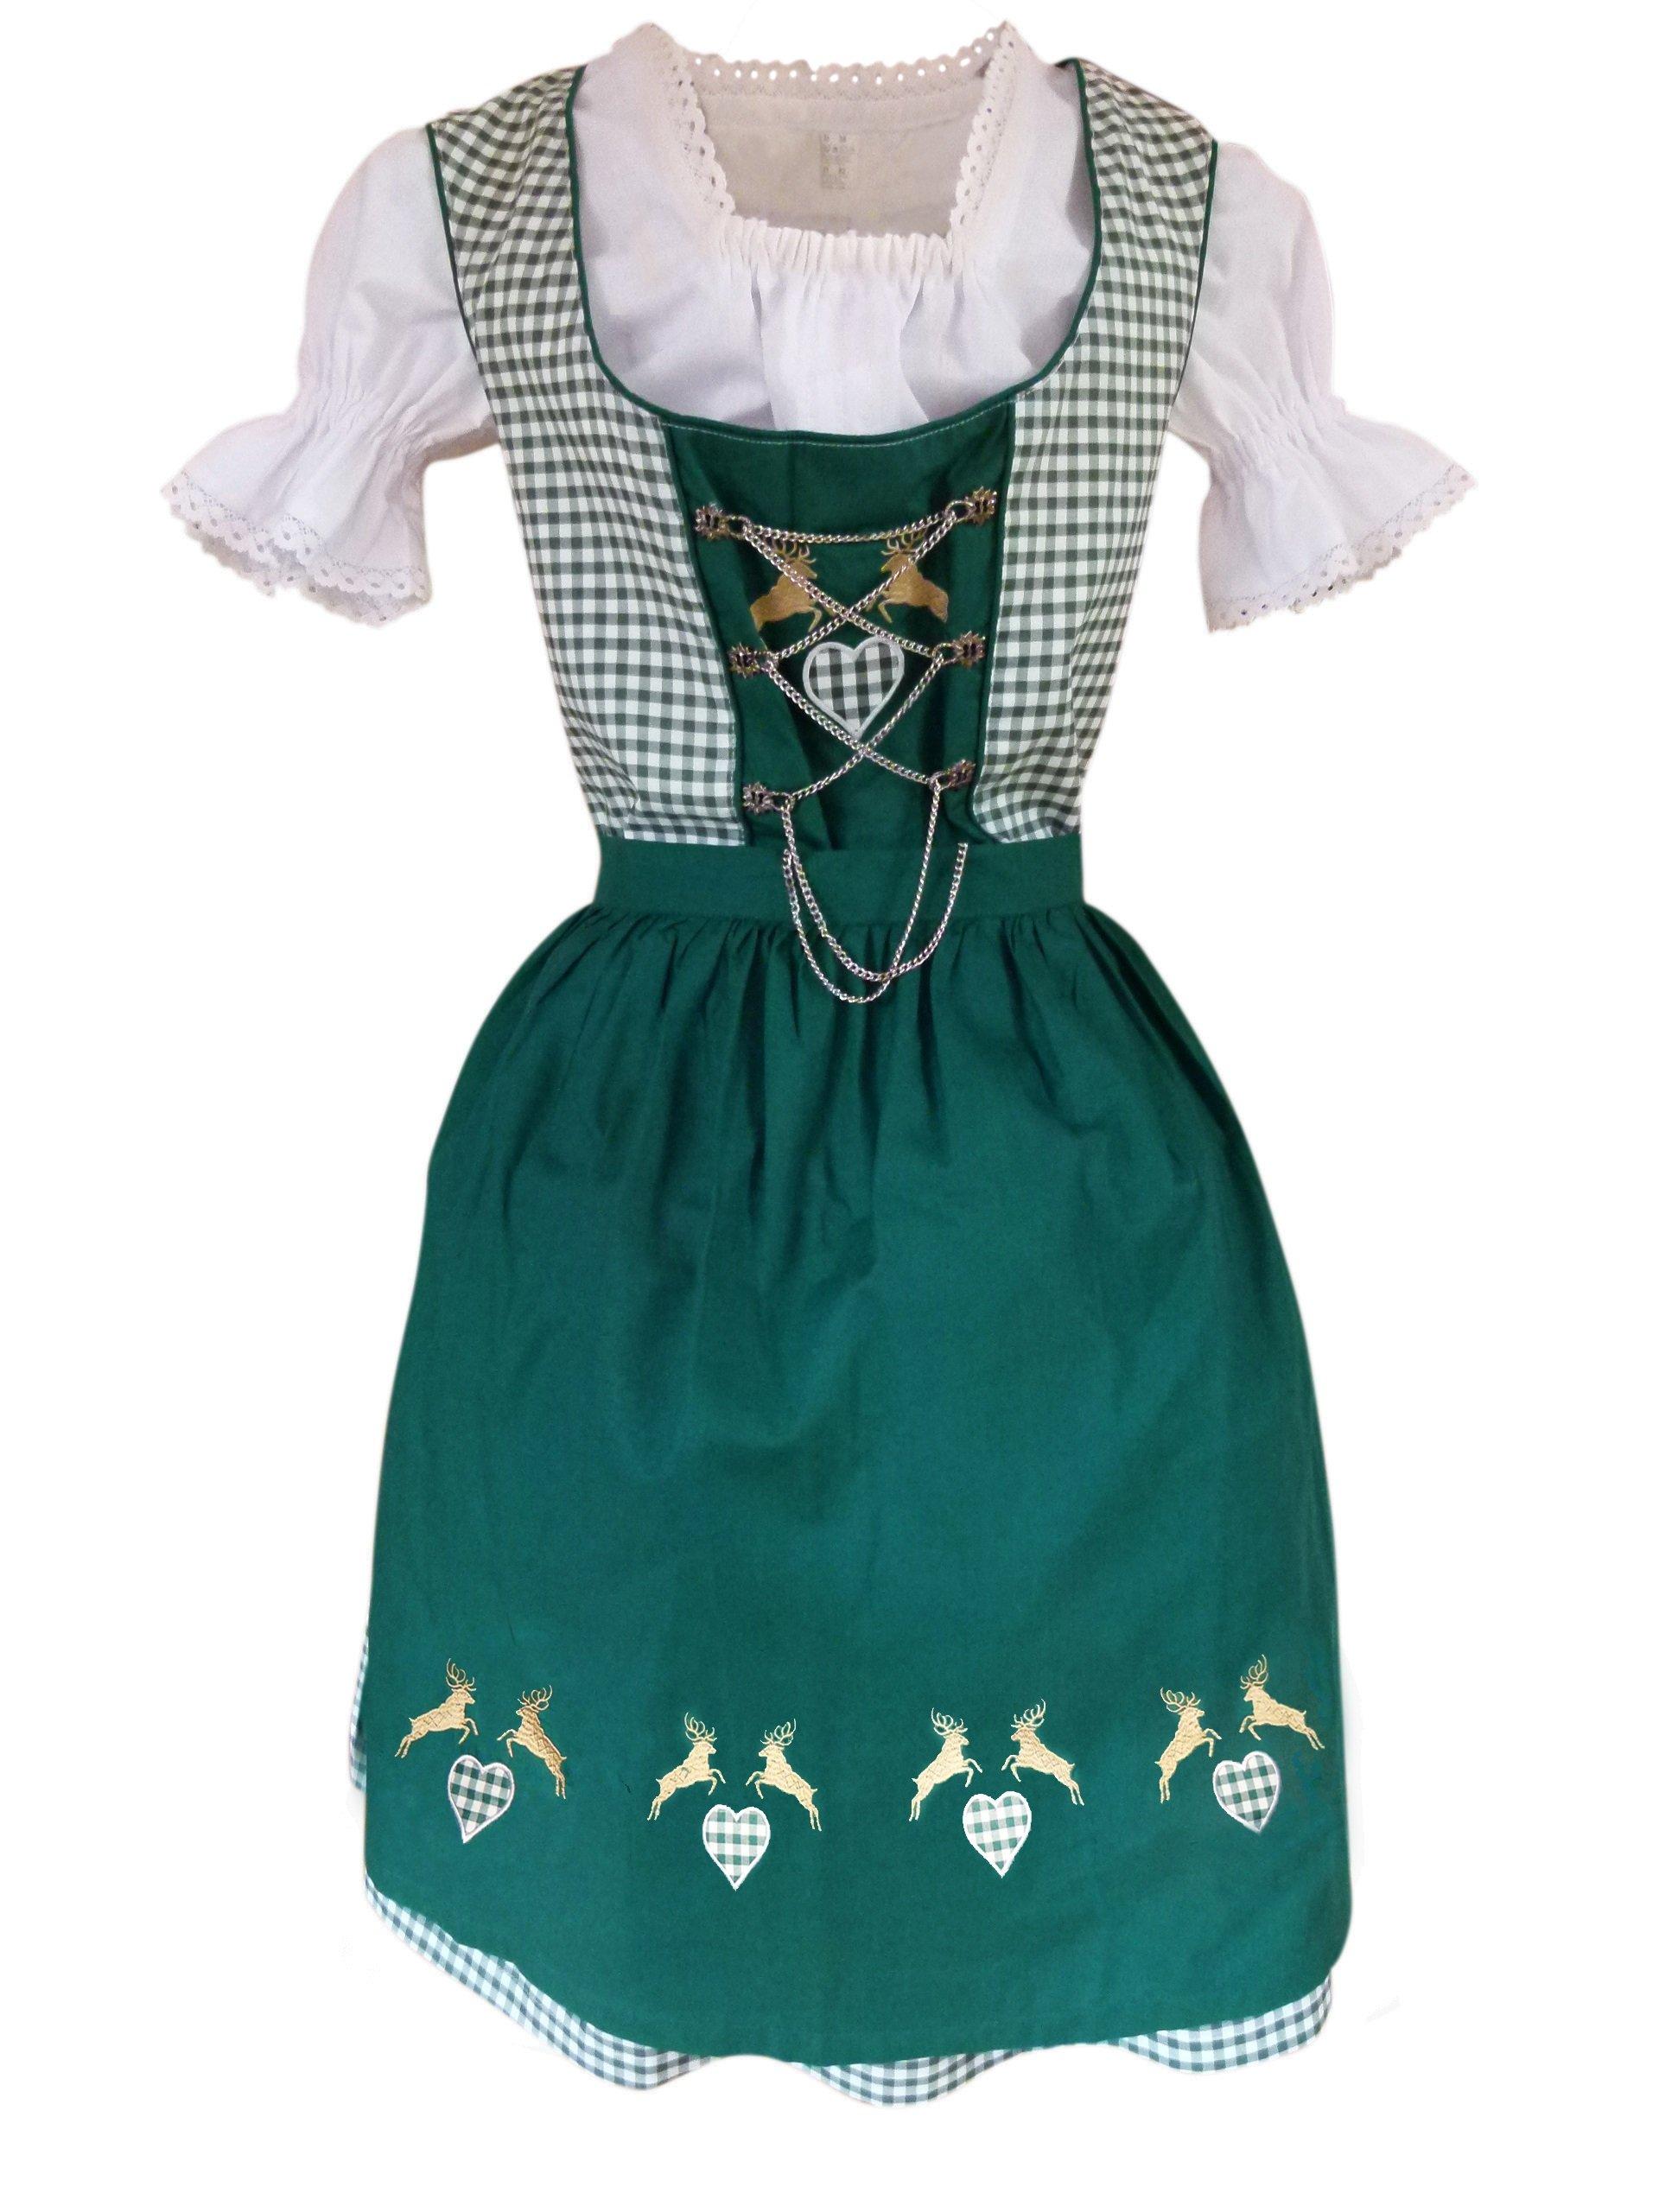 Dirndl World Womens Di18gw,3 Piece Midi Dirndl Dress, Green White, Blouse, Apron, Size 12